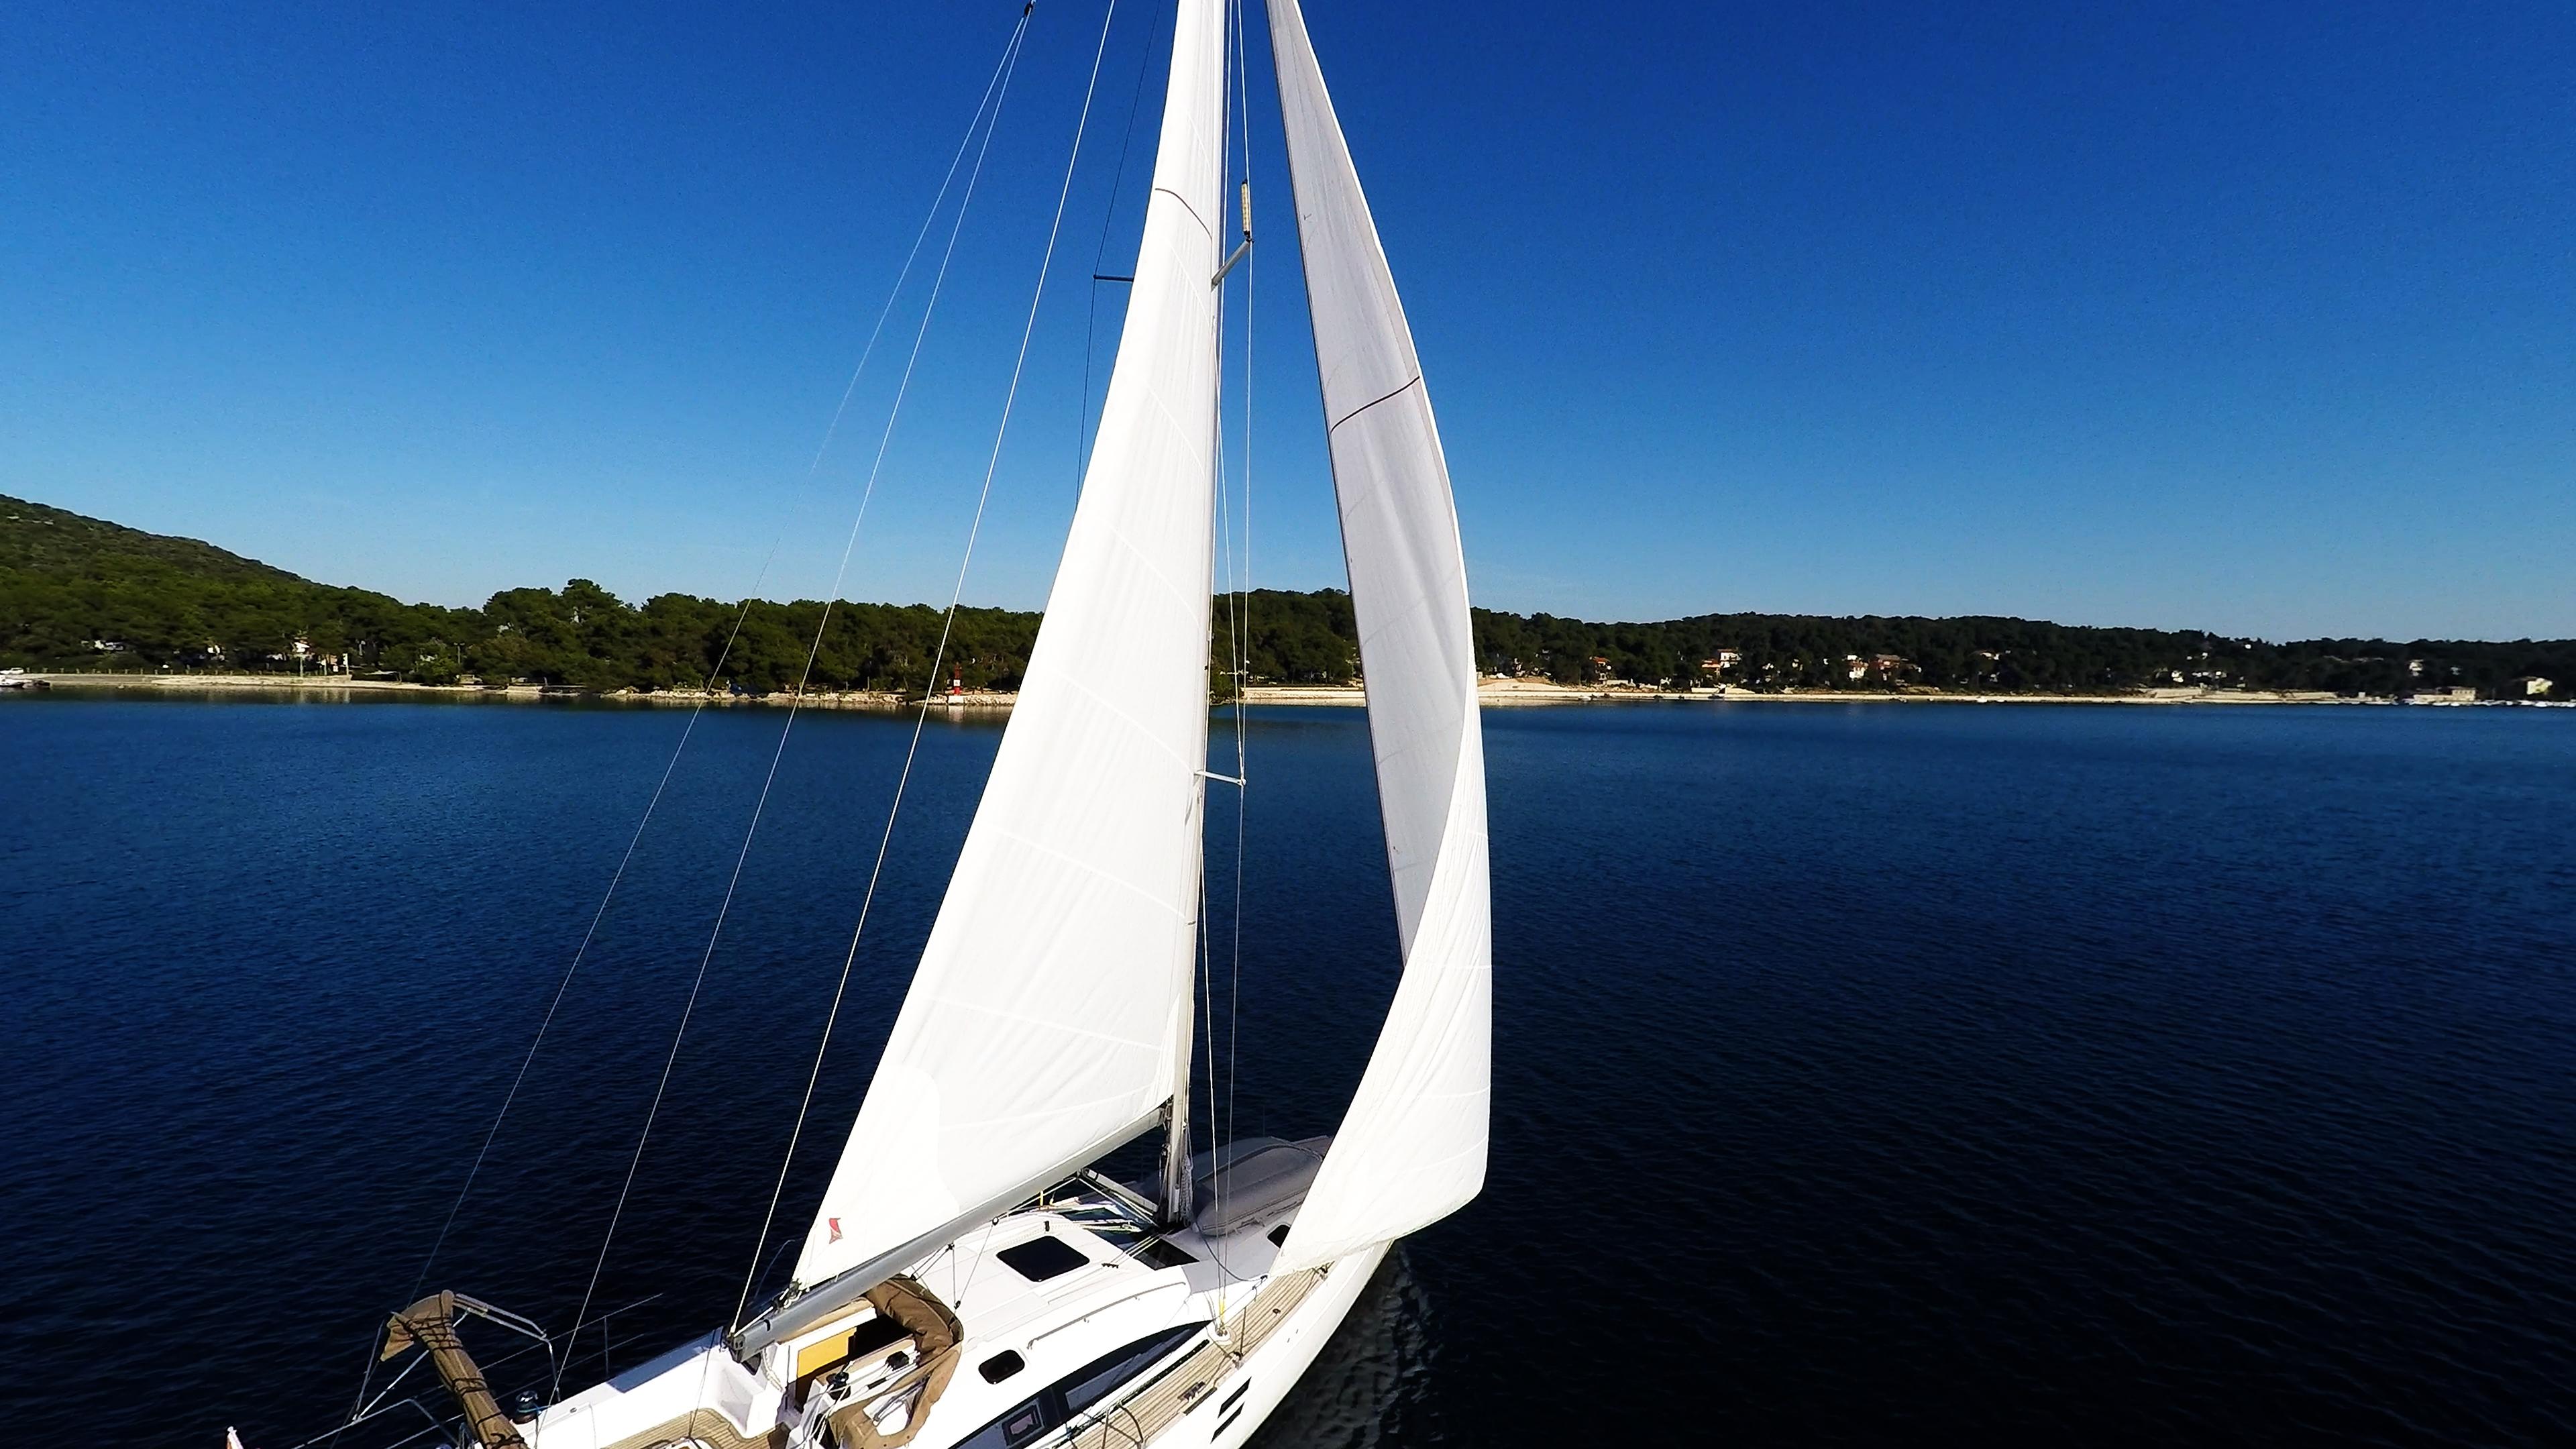 barcha a vela veleggiare verso la costa barca a vela yacht cielo blu mare